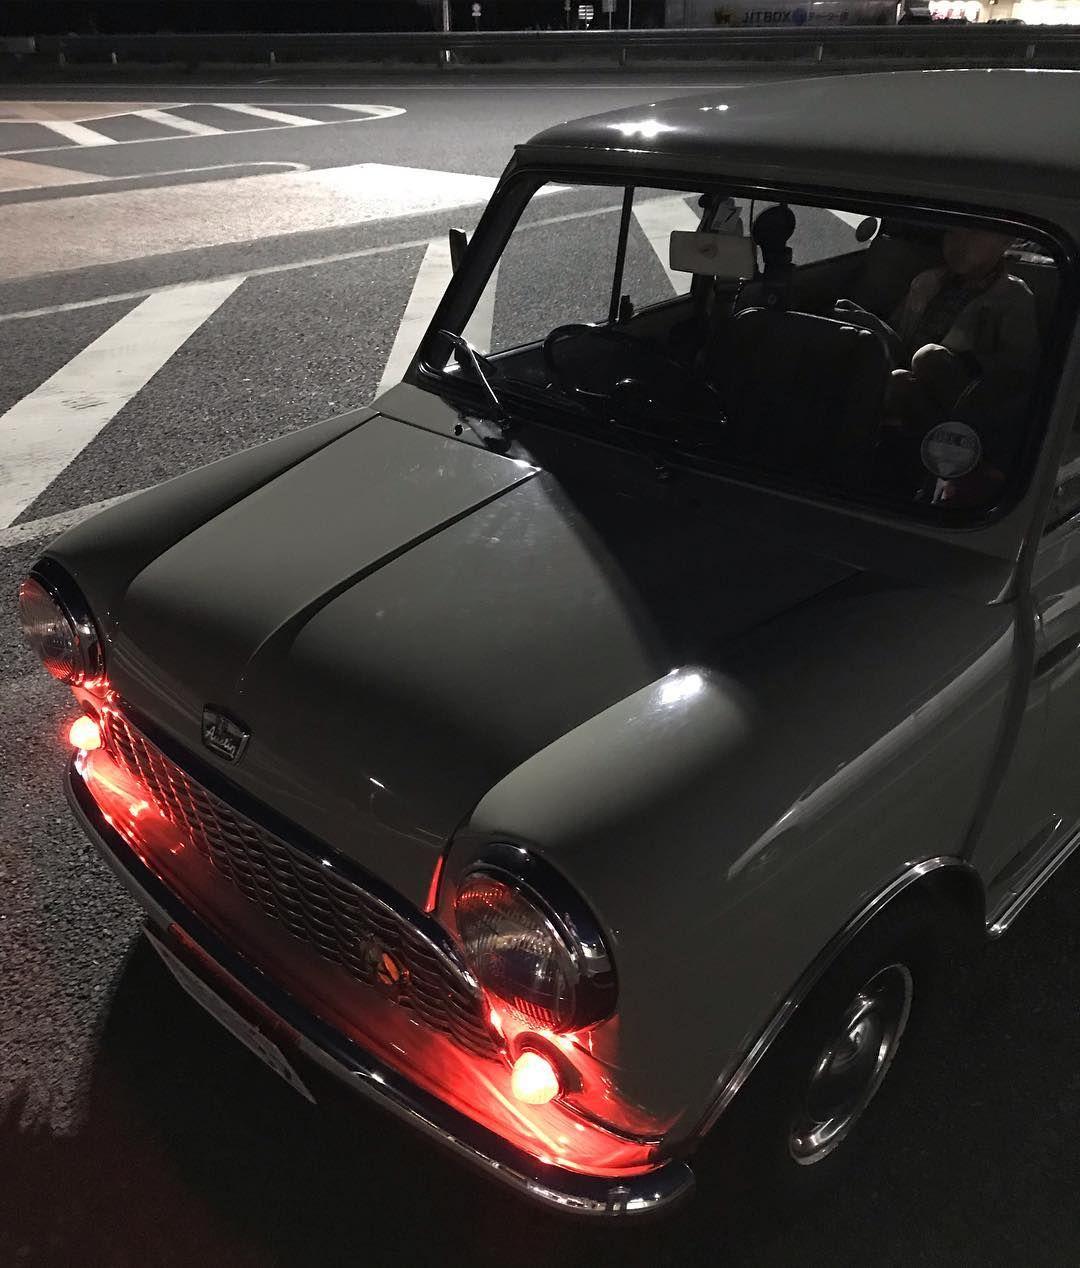 1965年式 austin mini mk1 ジャパンミニディー筑波へ向かいます 1965y austin mini mk1 i will go to tsukuba classic mini mini cooper sports car